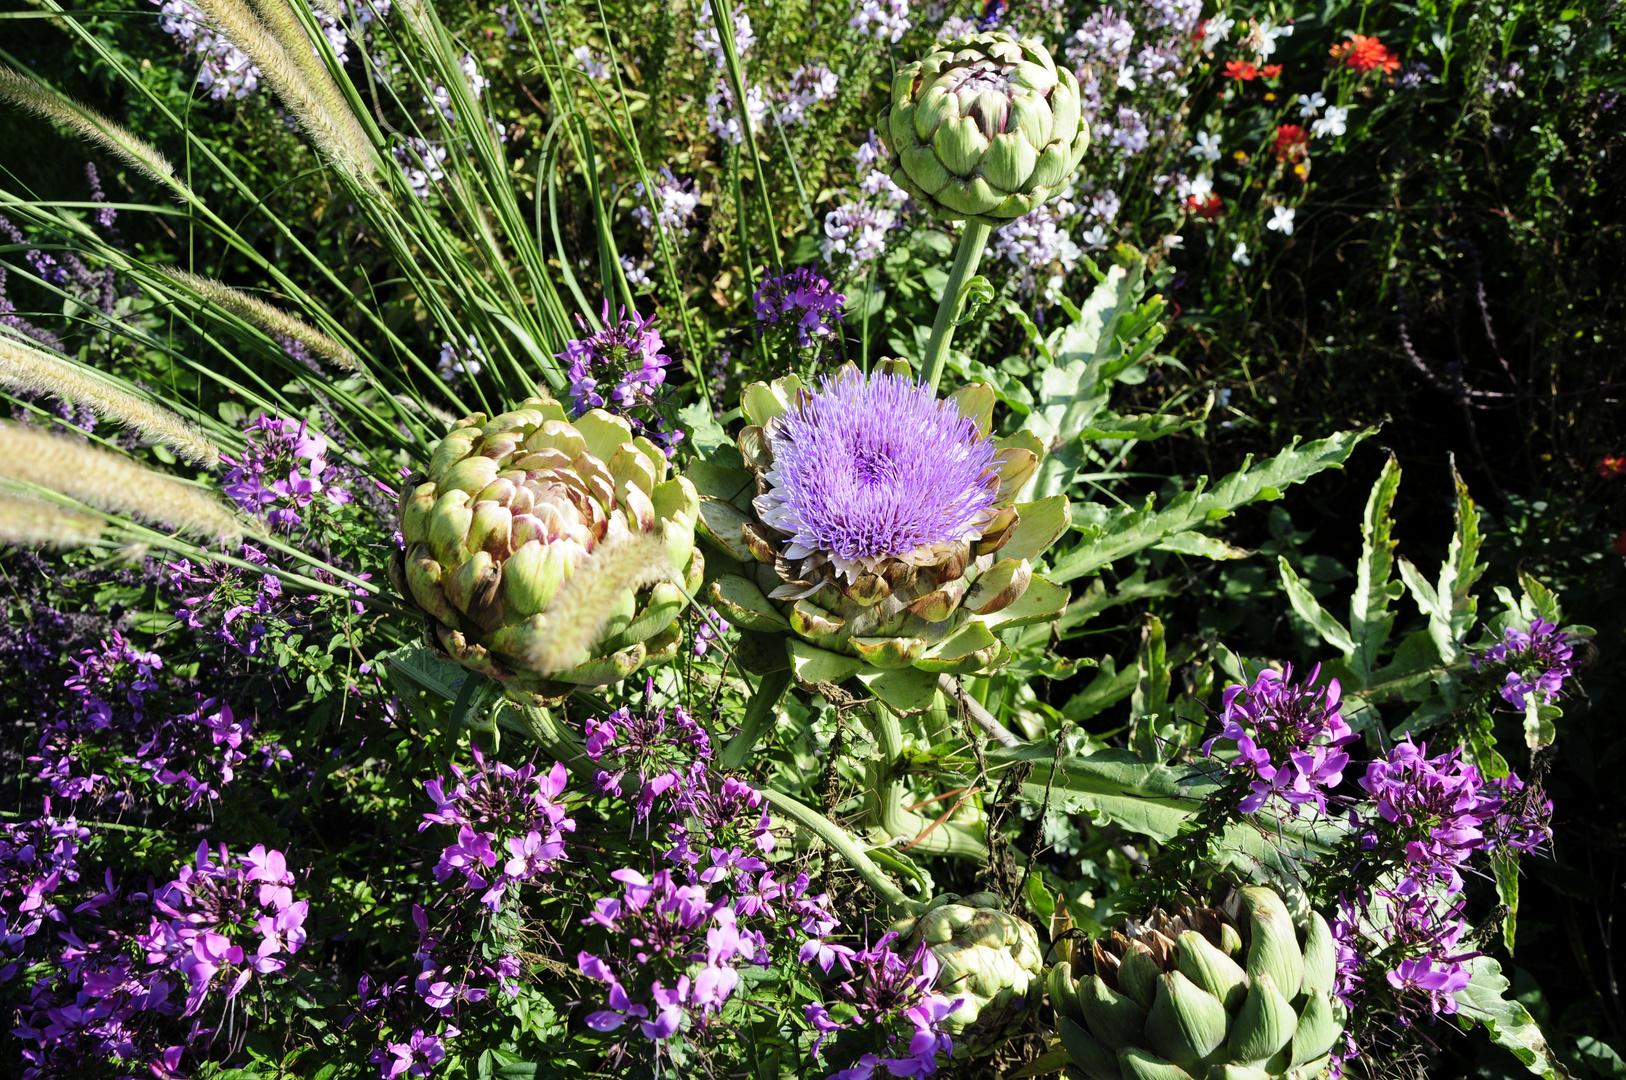 Artischocke mit Blüte 2 - Park der Gärten